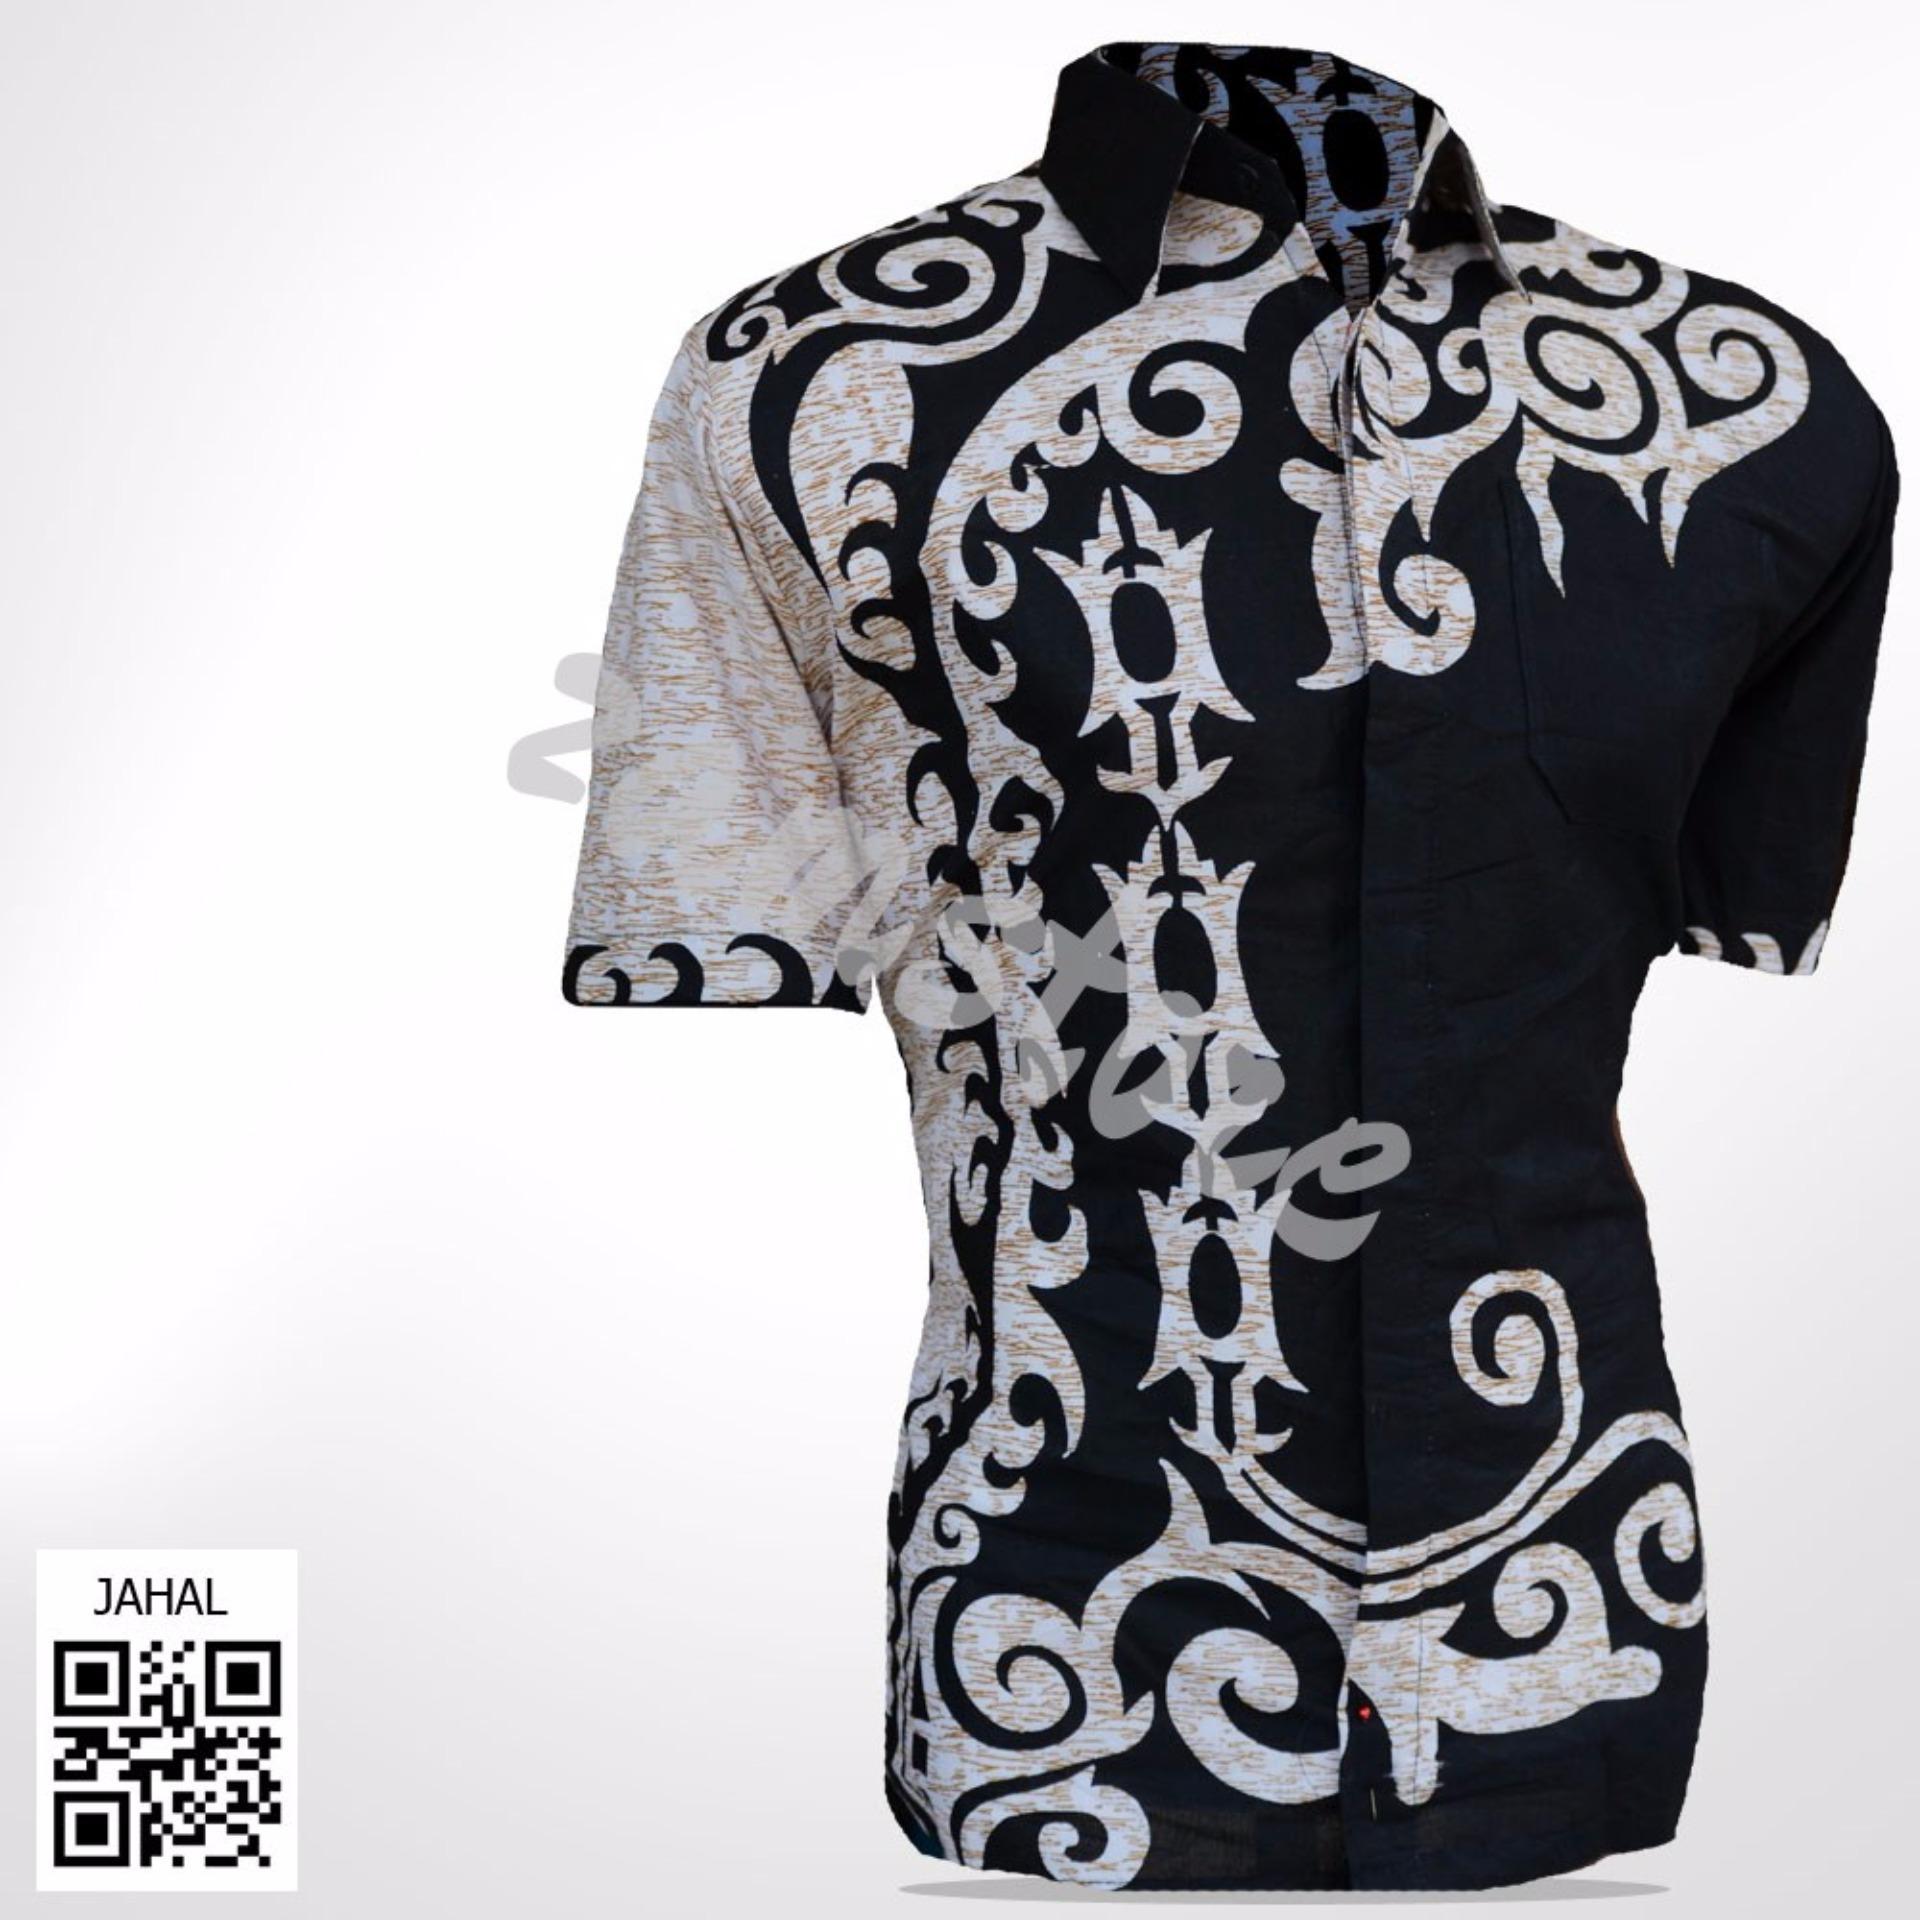 Kemeja Batik Remaja Cowok: Baju Batik Pria Eksklusif Kemeja Lengan Pendek Motif